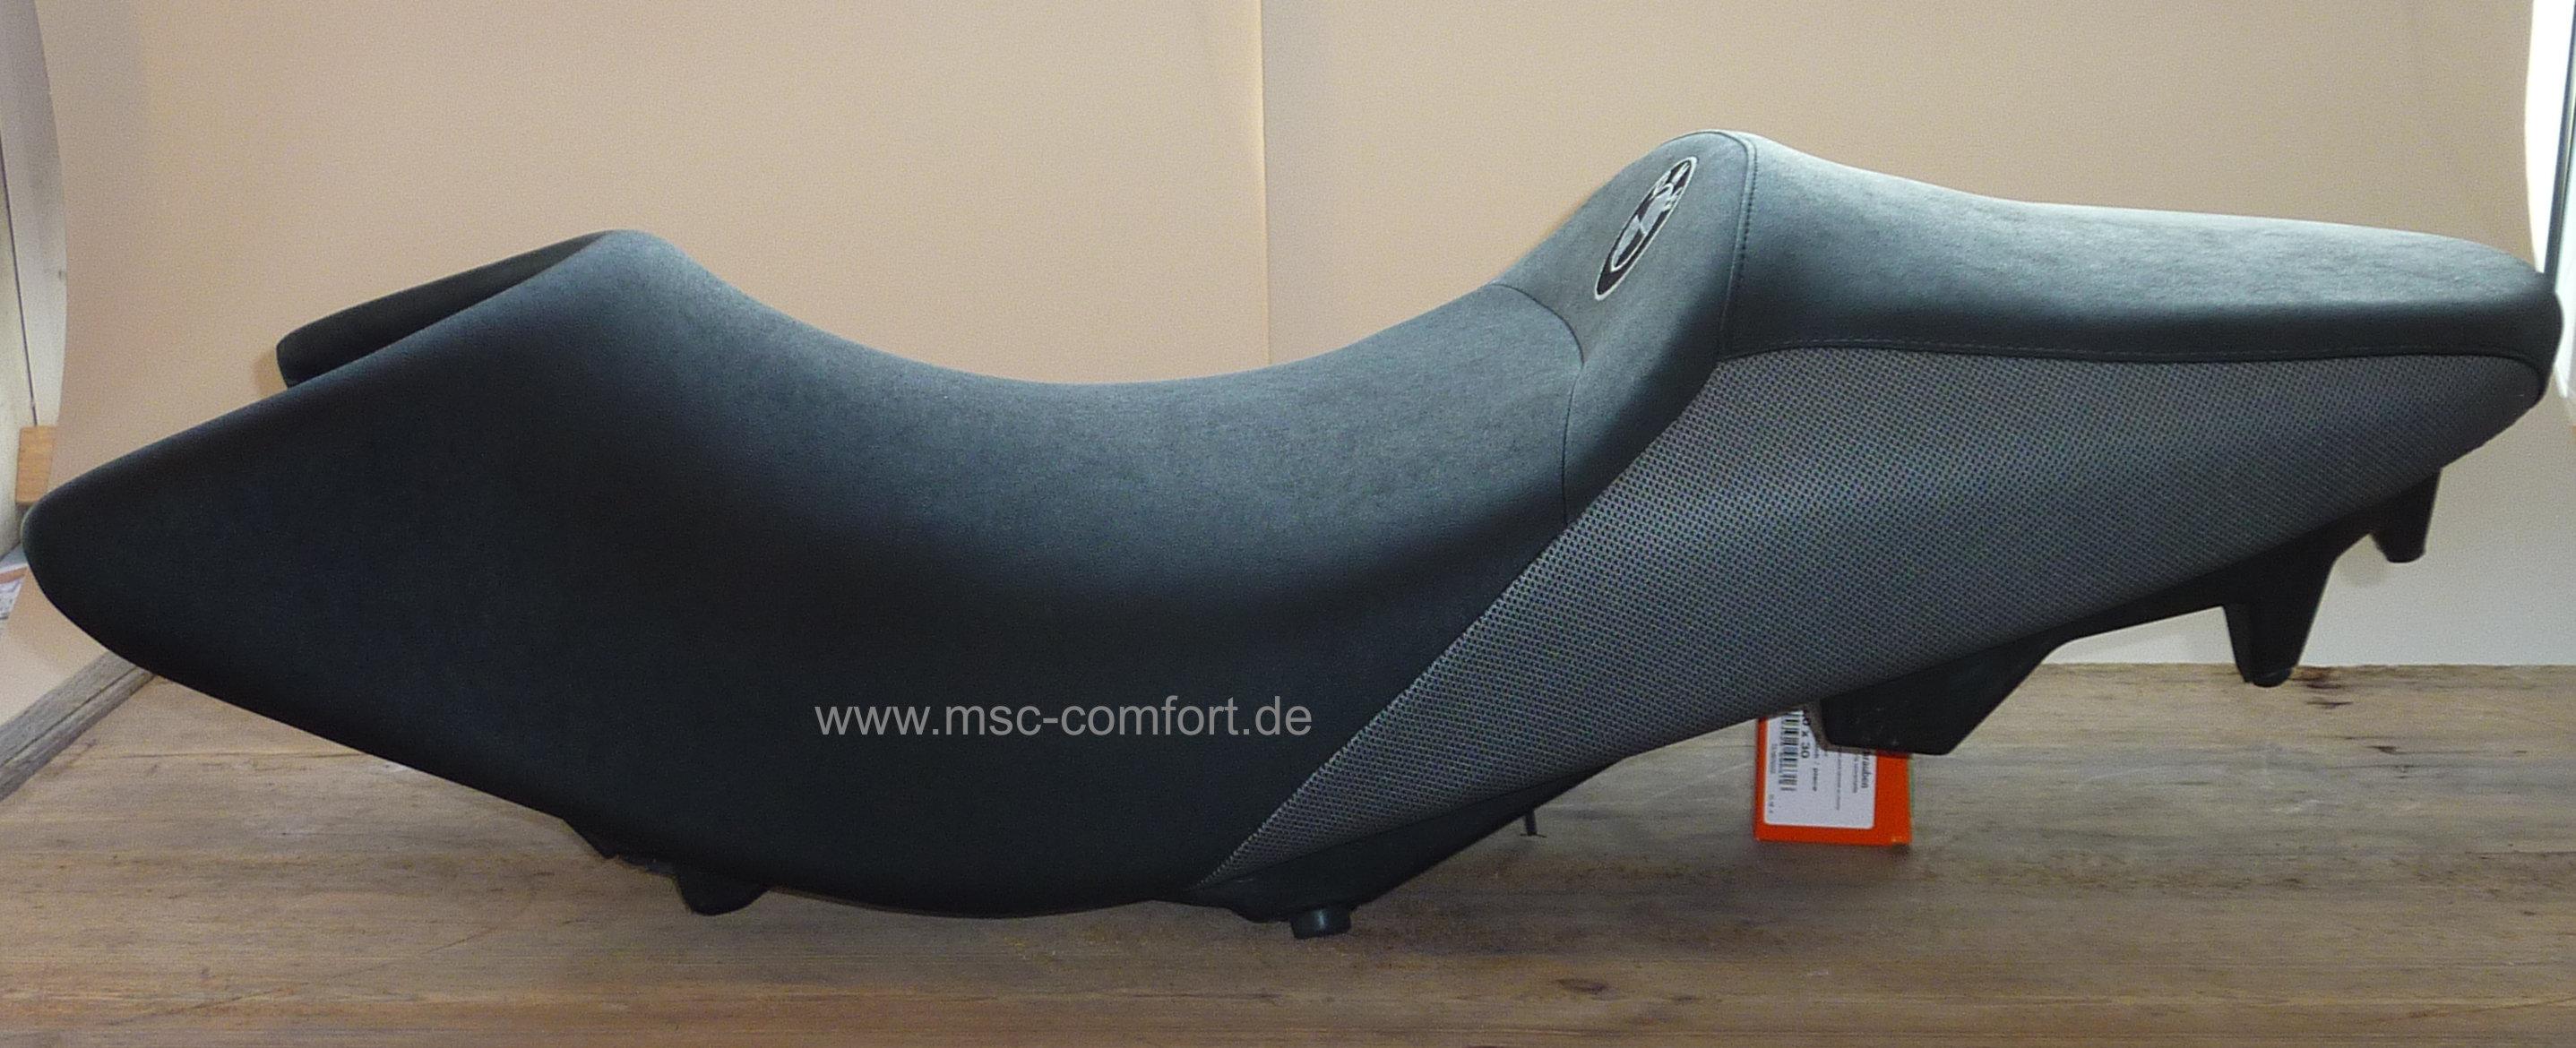 Komfort-Umbau R1200R_1